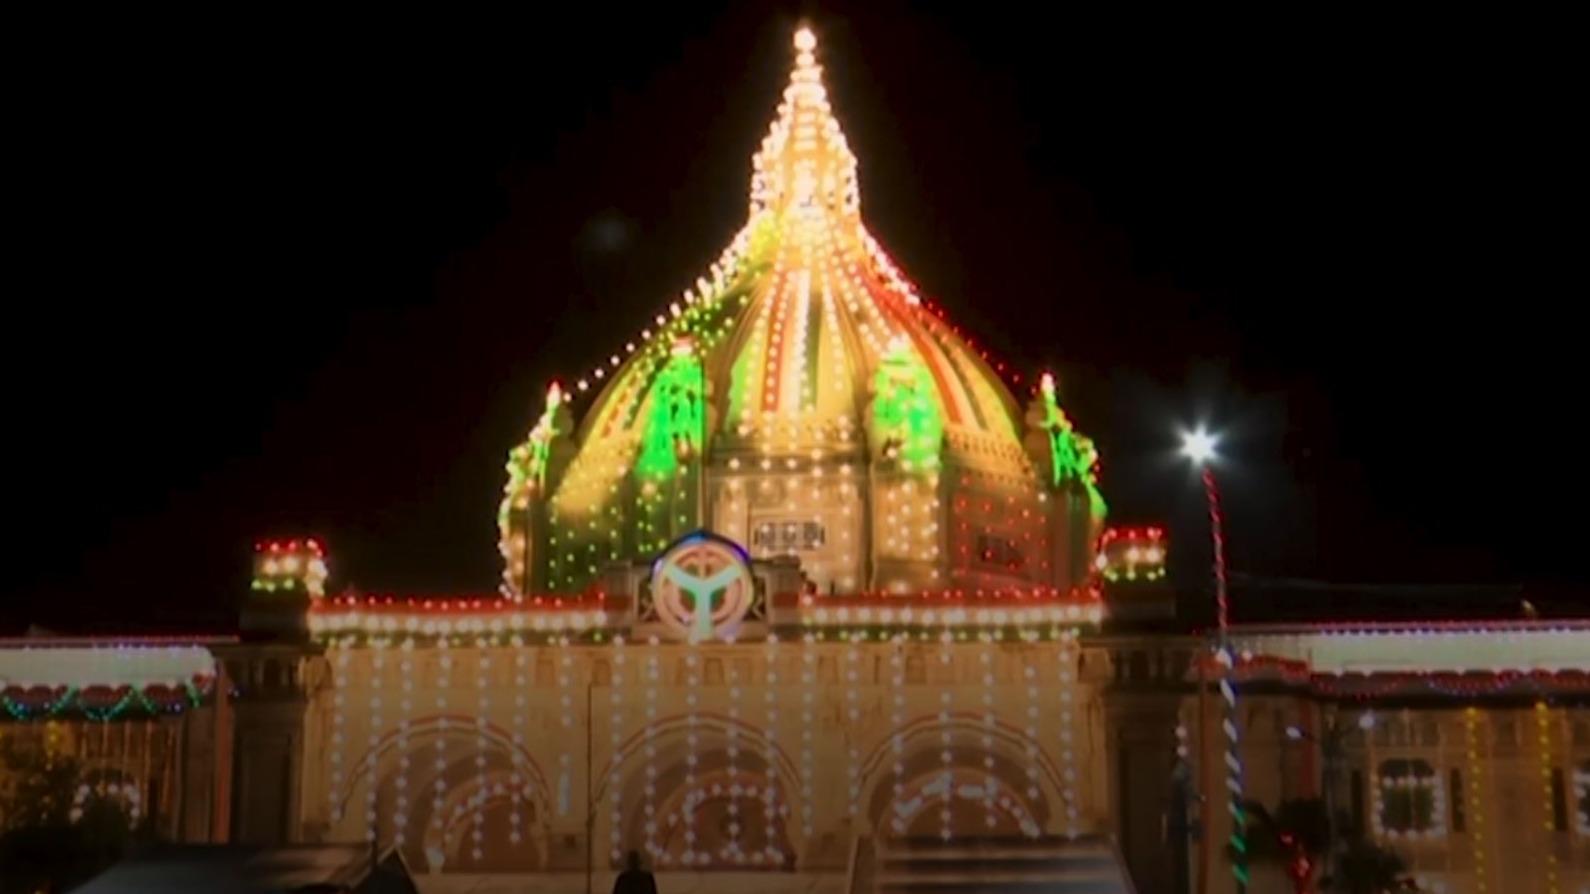 रोशनी में नहाया यूपी का राजभवन, 18 अगस्त तक आमजनों के लिए भी खुला